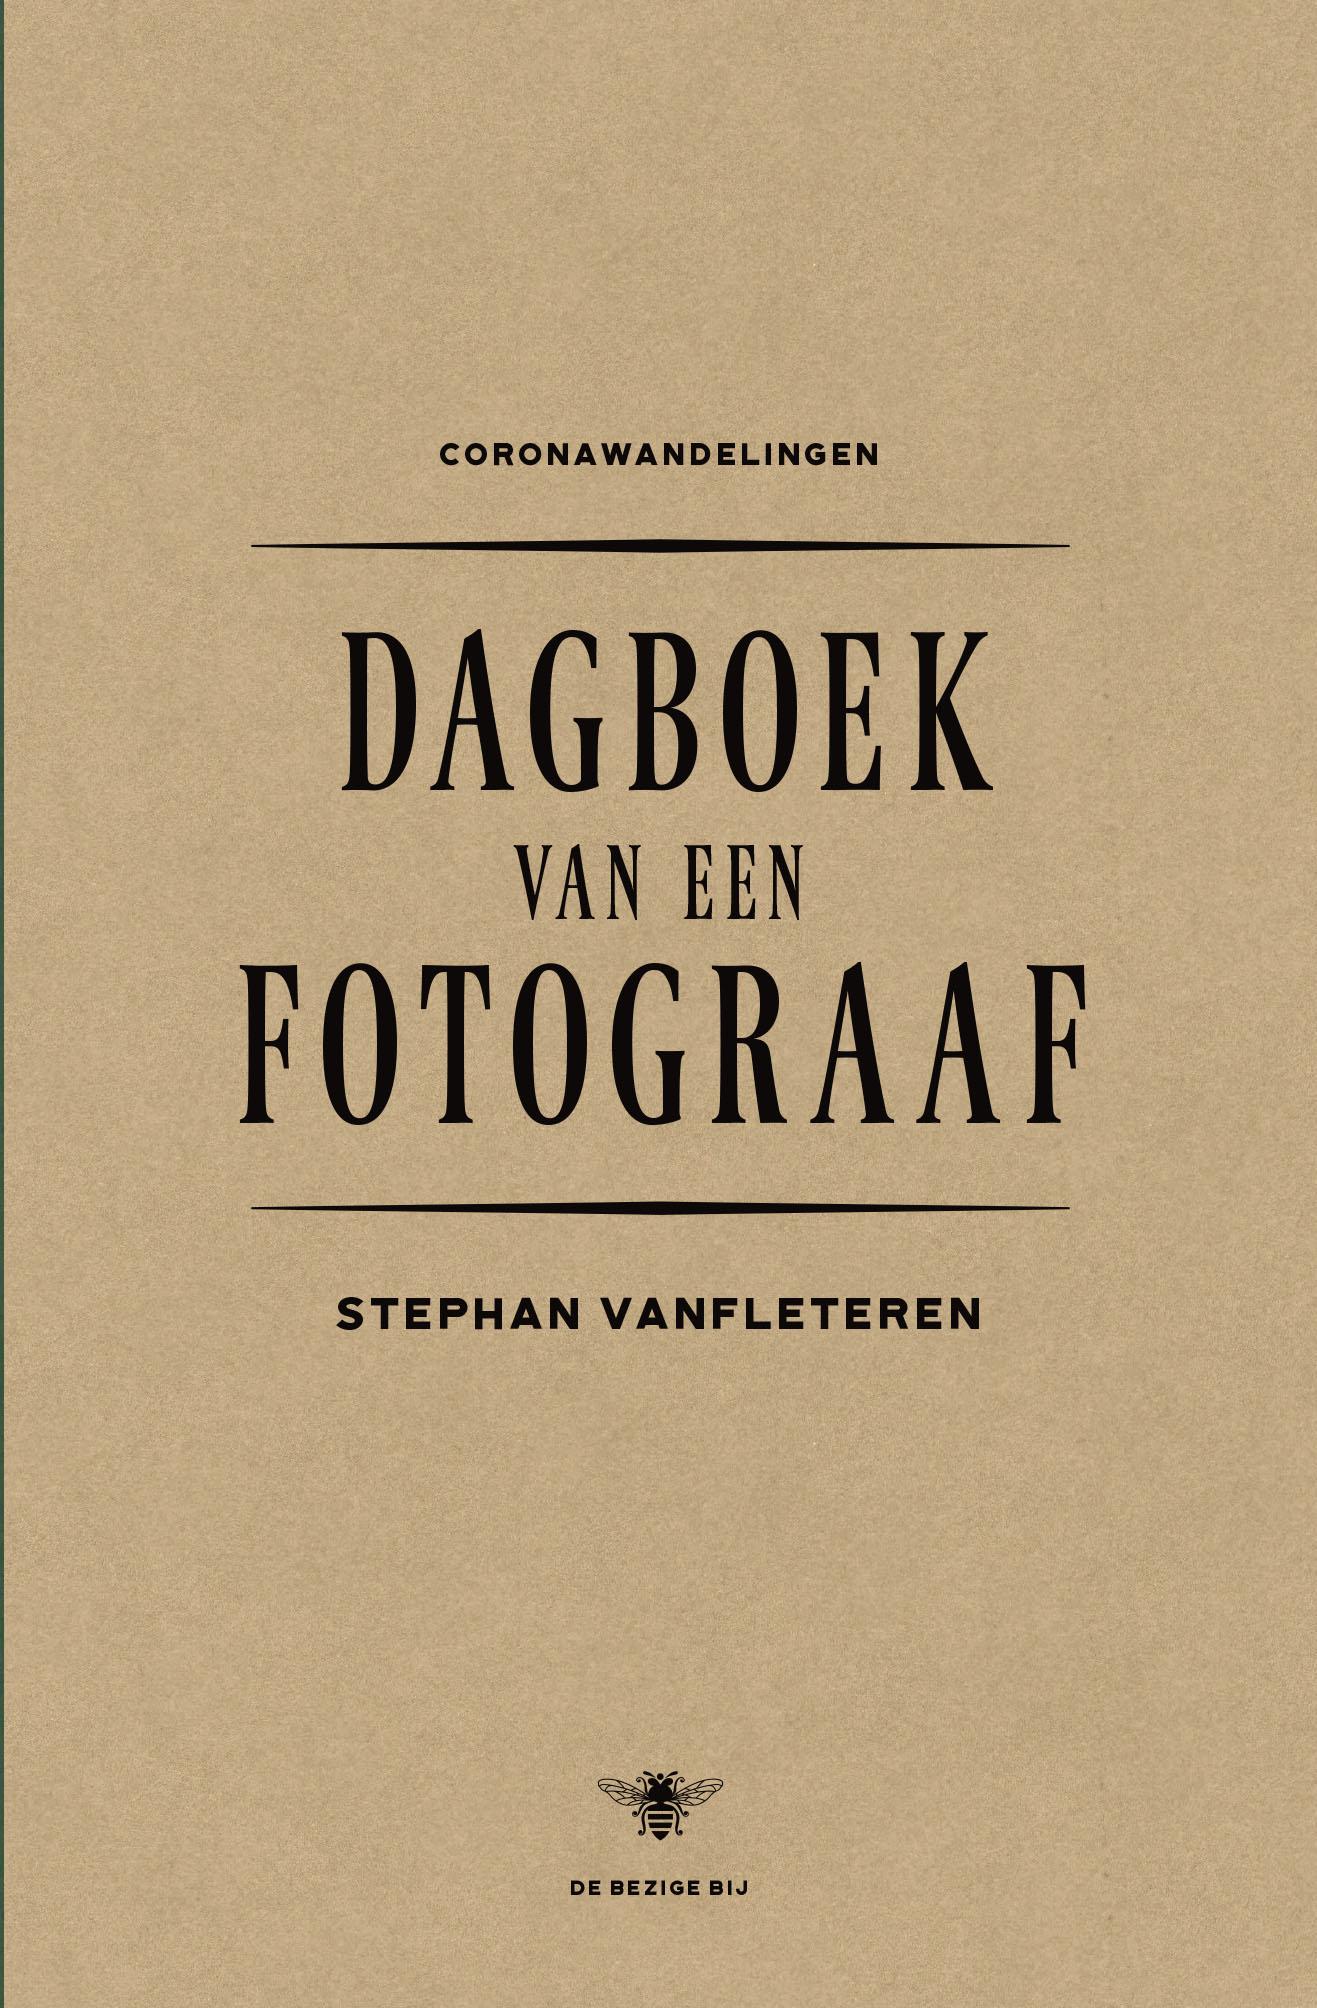 Dagboek van een fotograaf - boekenflits.nl